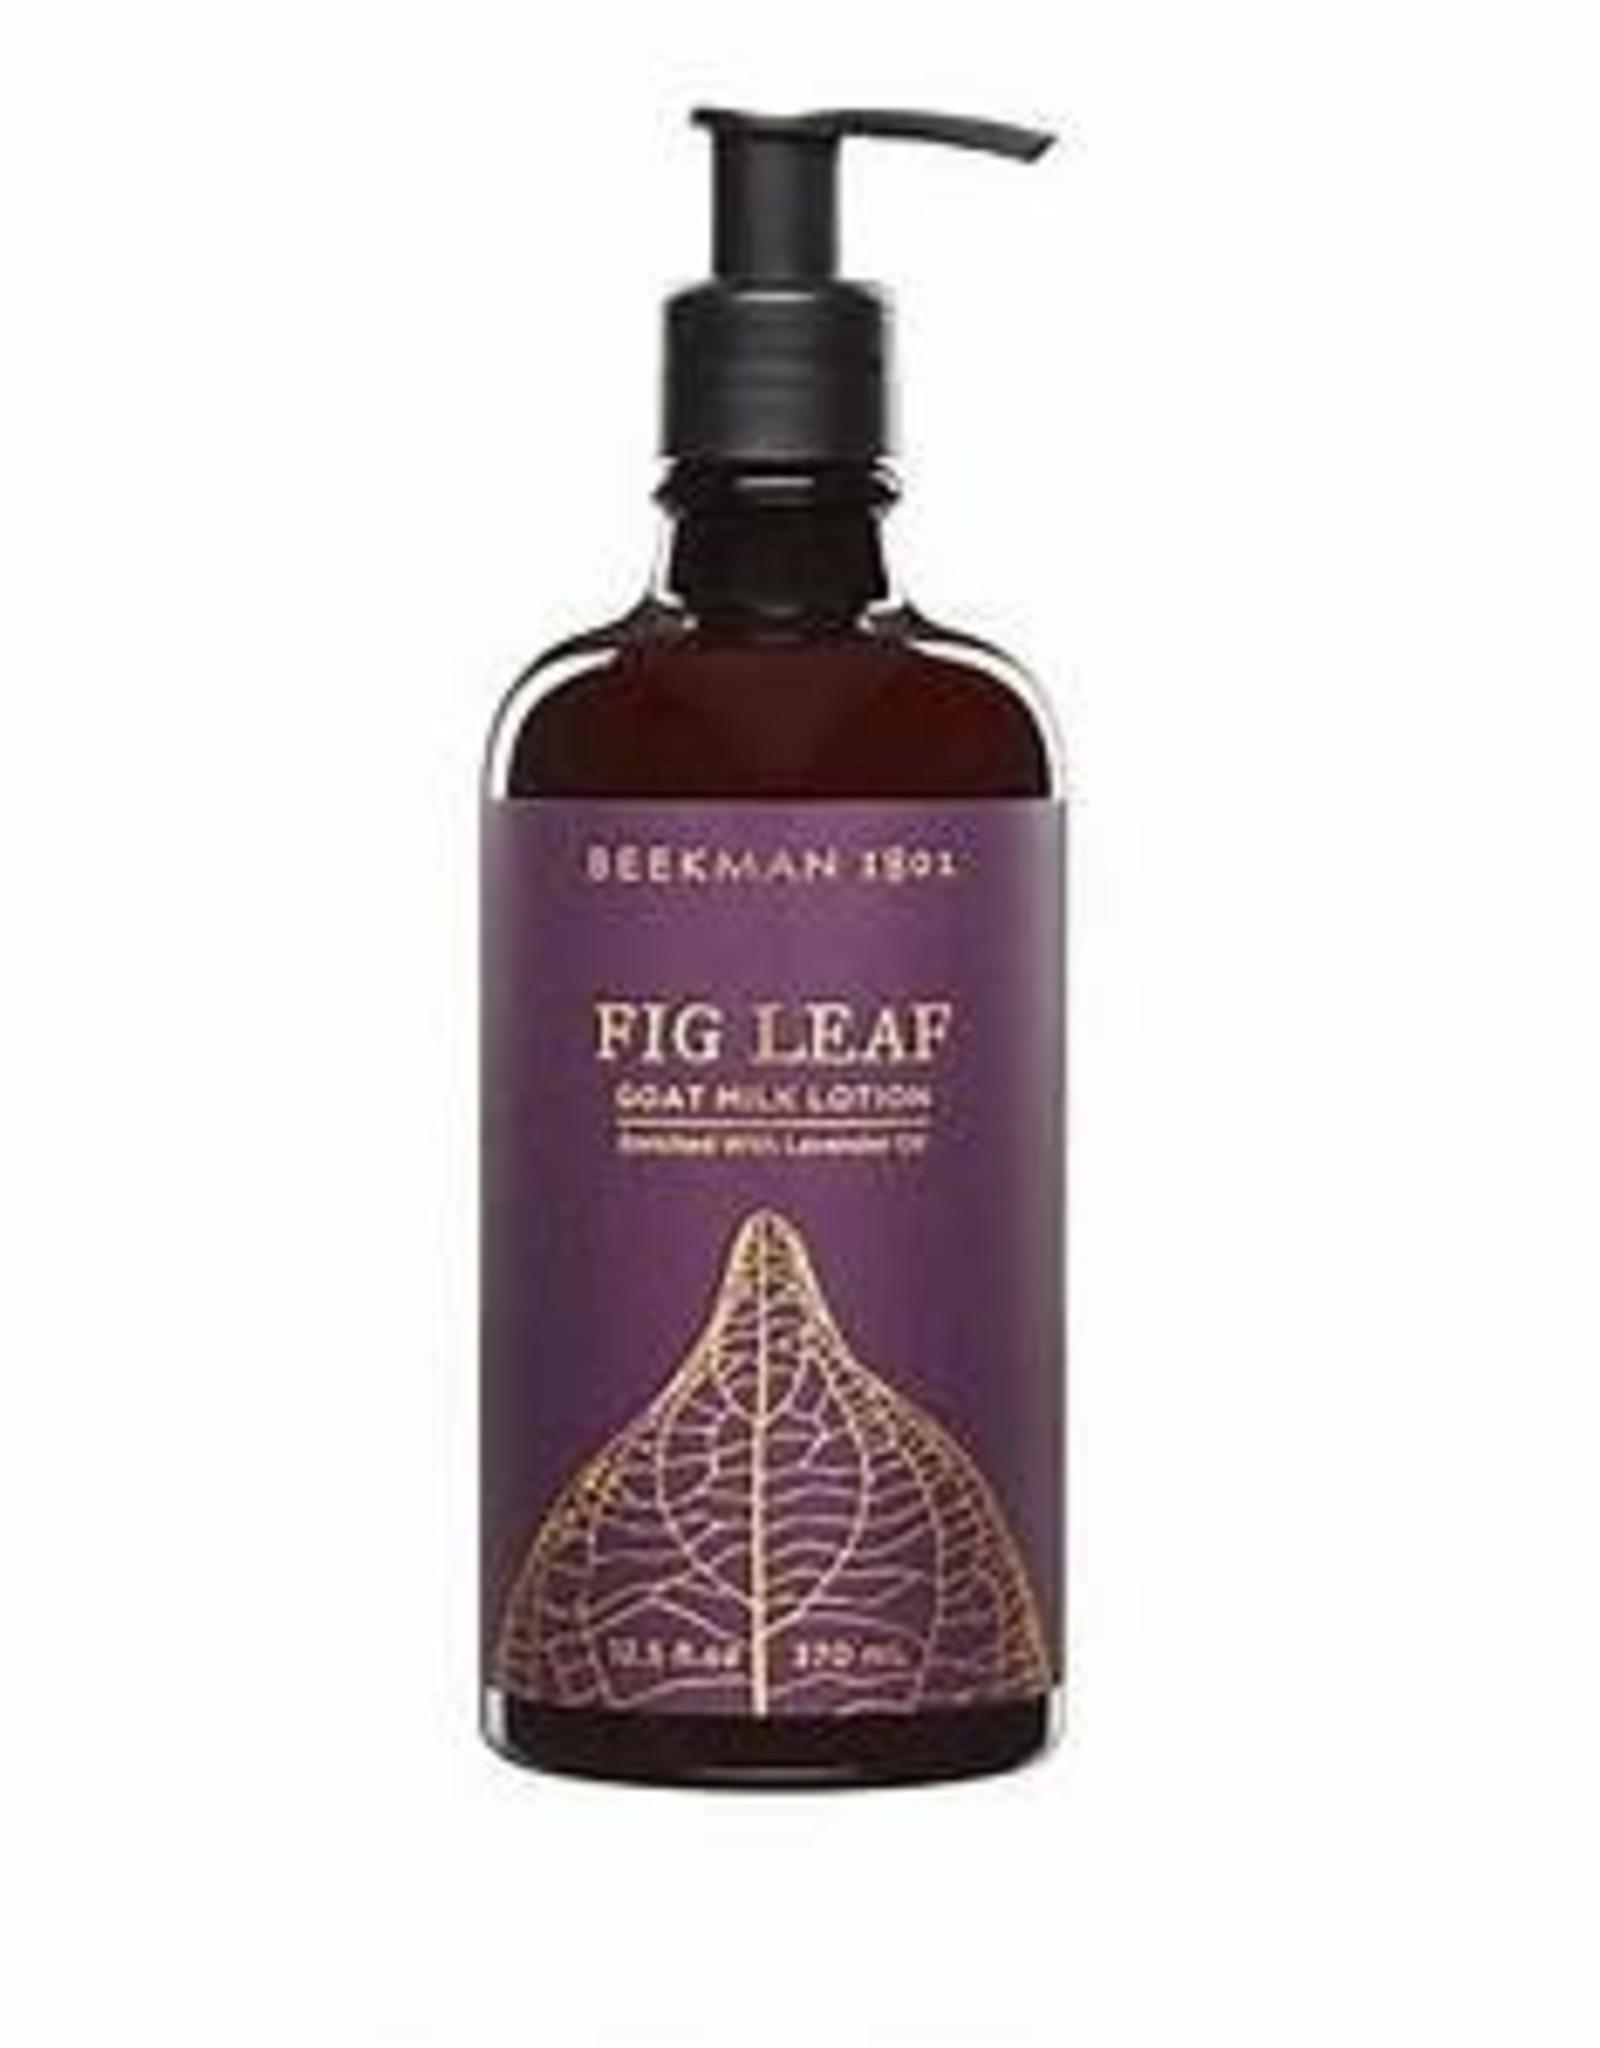 Beekman 1802 Beekman 1802 Fig Leaf Hand Lotion 12.5oz